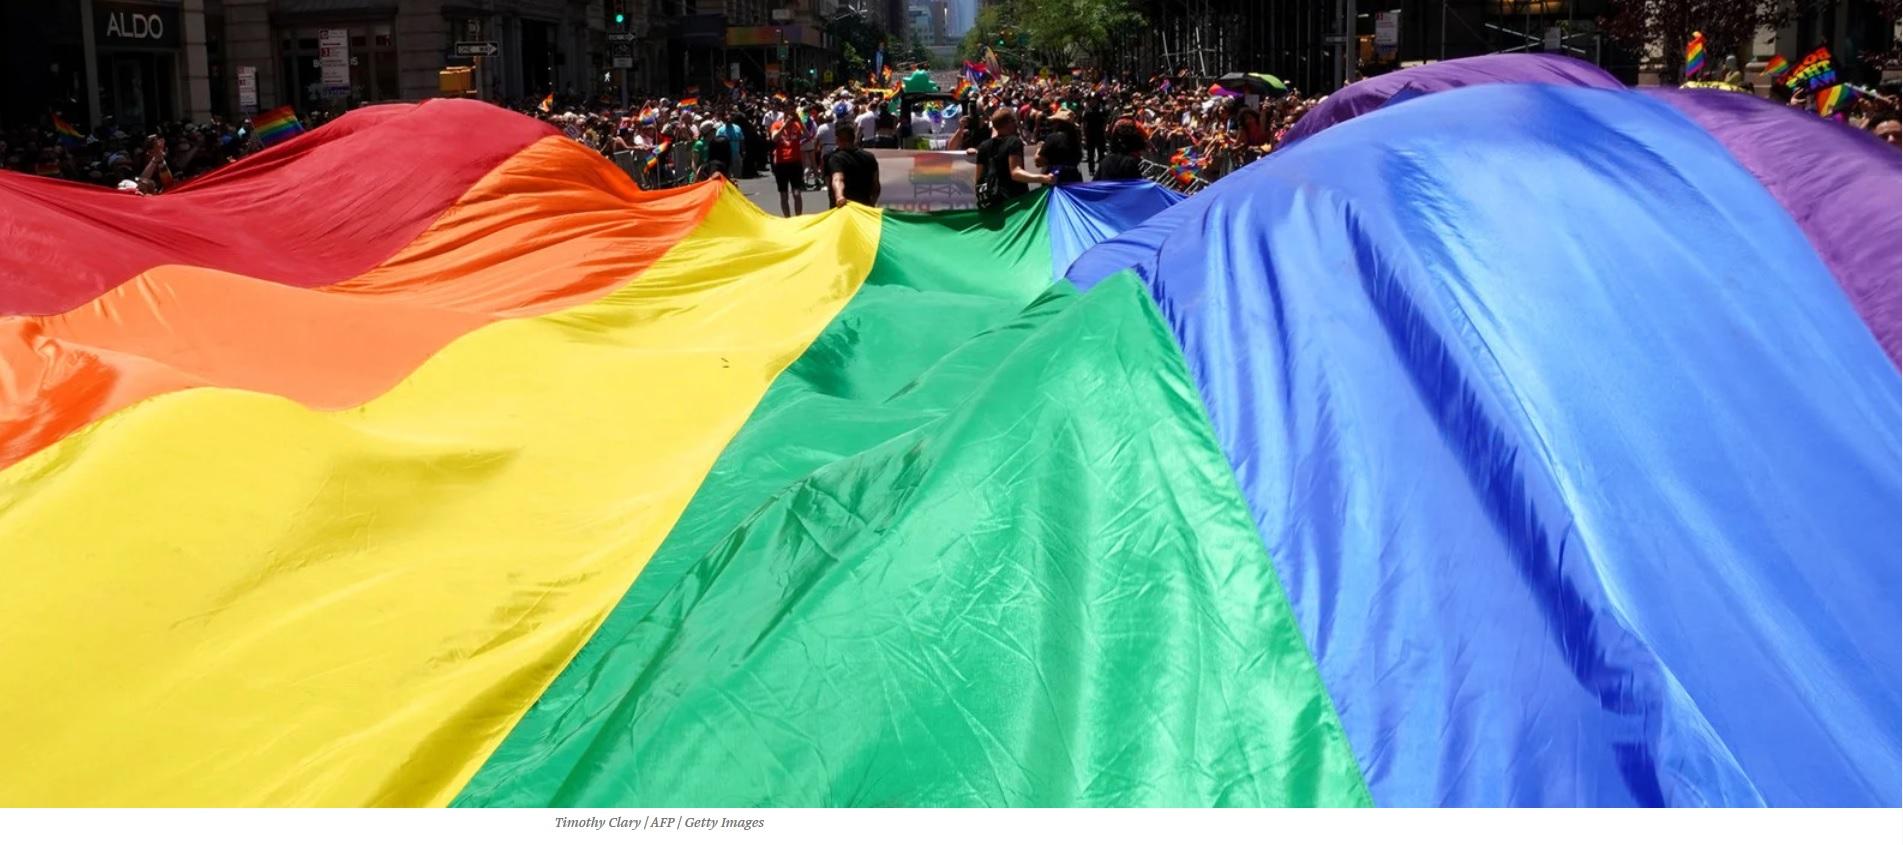 pridewave.jpg